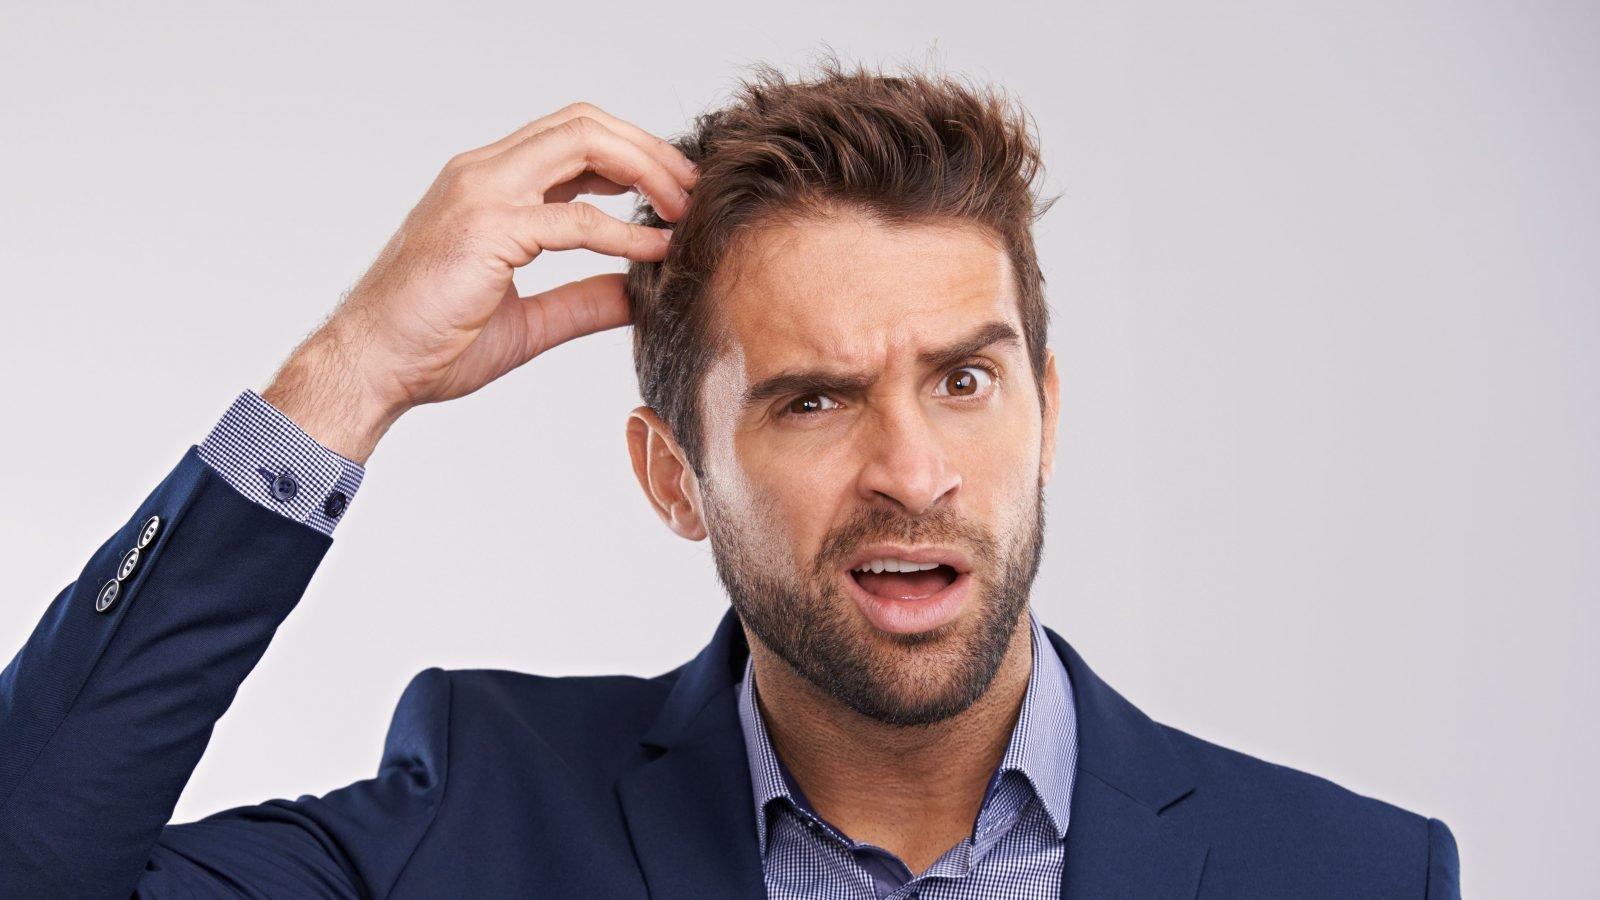 Коронавирус в бороду: растительность на лице оказалась опасной